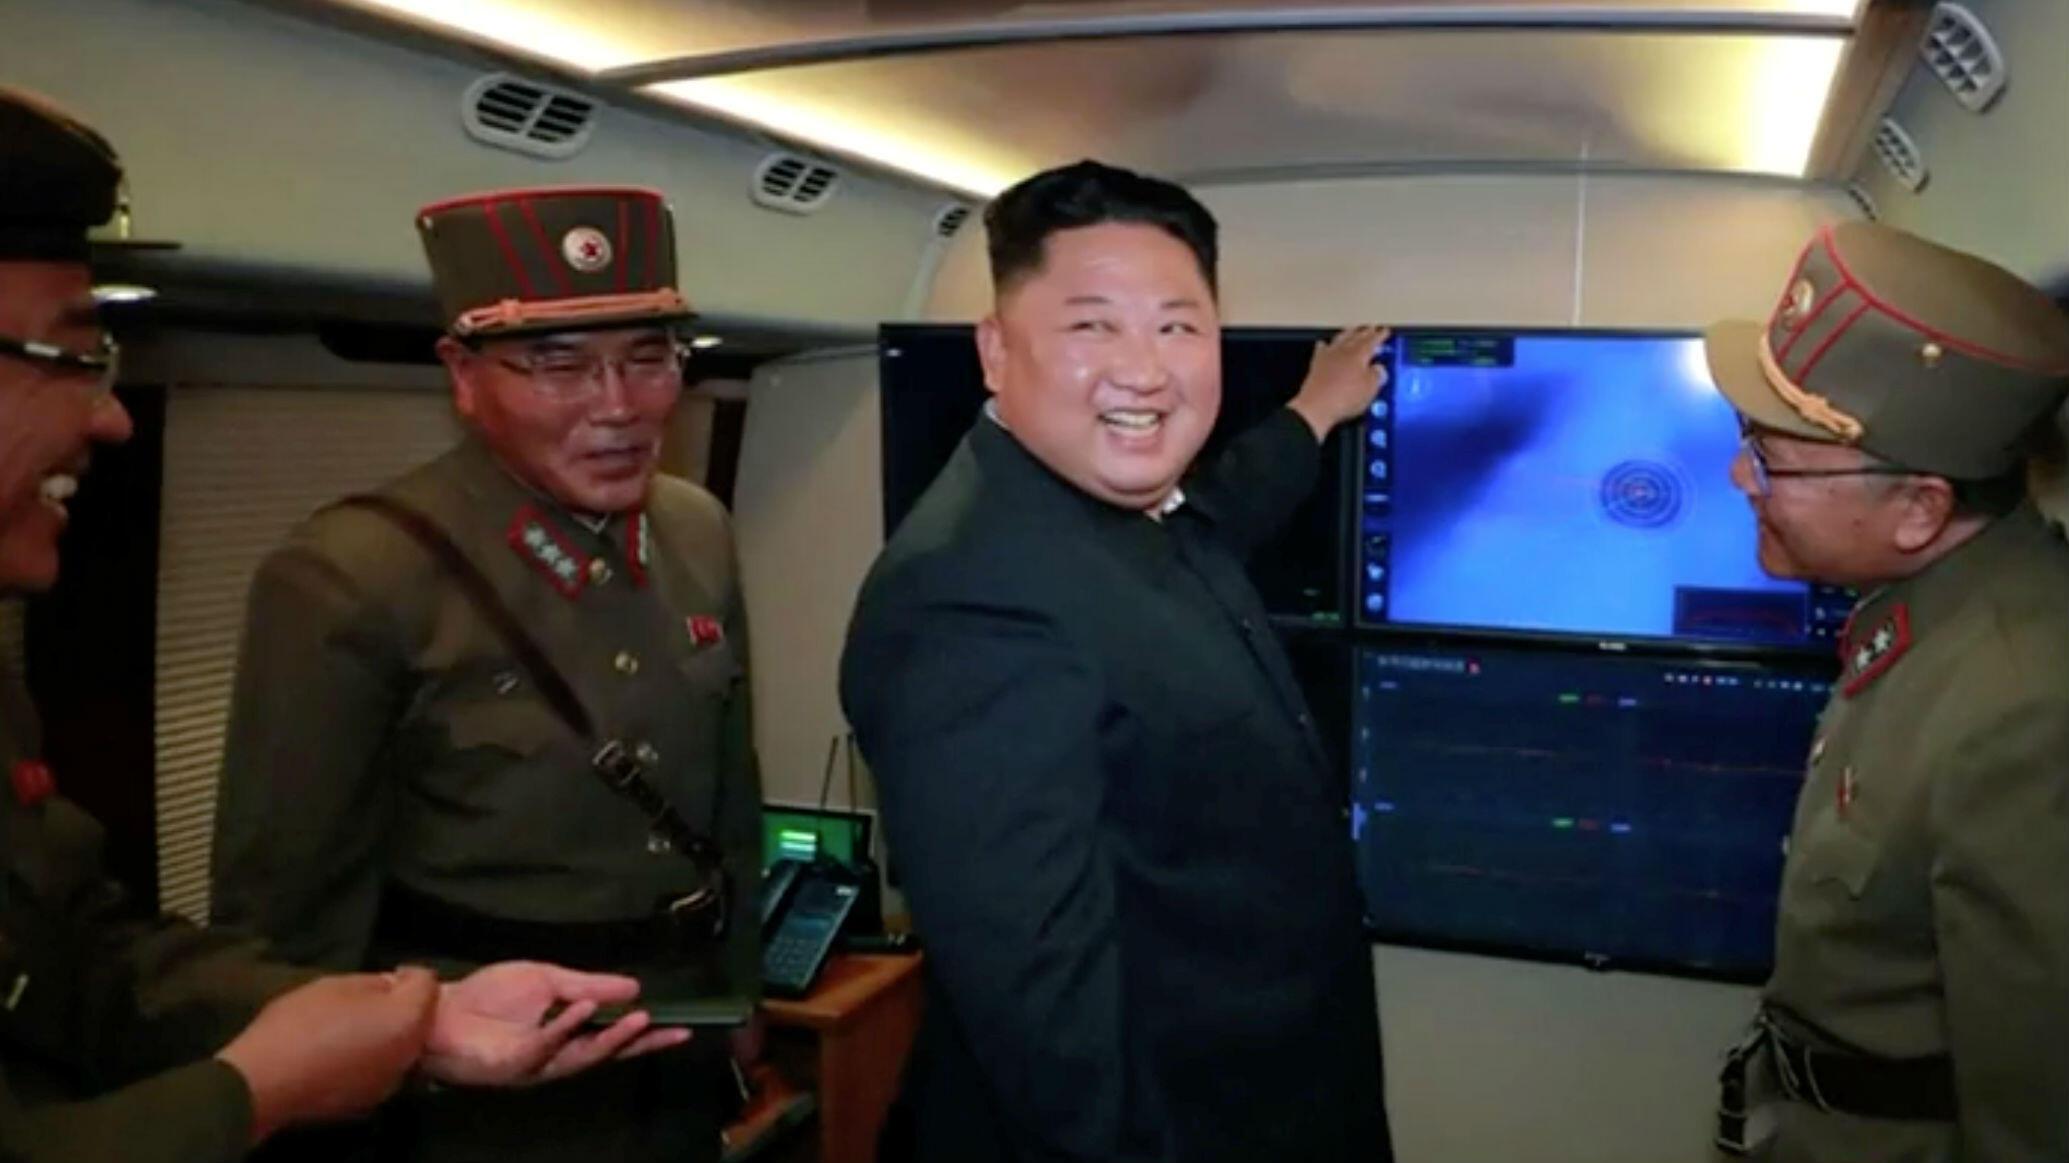 El líder norcoreano Kim Jong-un junto a los oficiales militares frente a una pantalla que se cree, muestra el lanzamiento de un proyectil en Corea del Norte, el 3 de agosto de 2019.